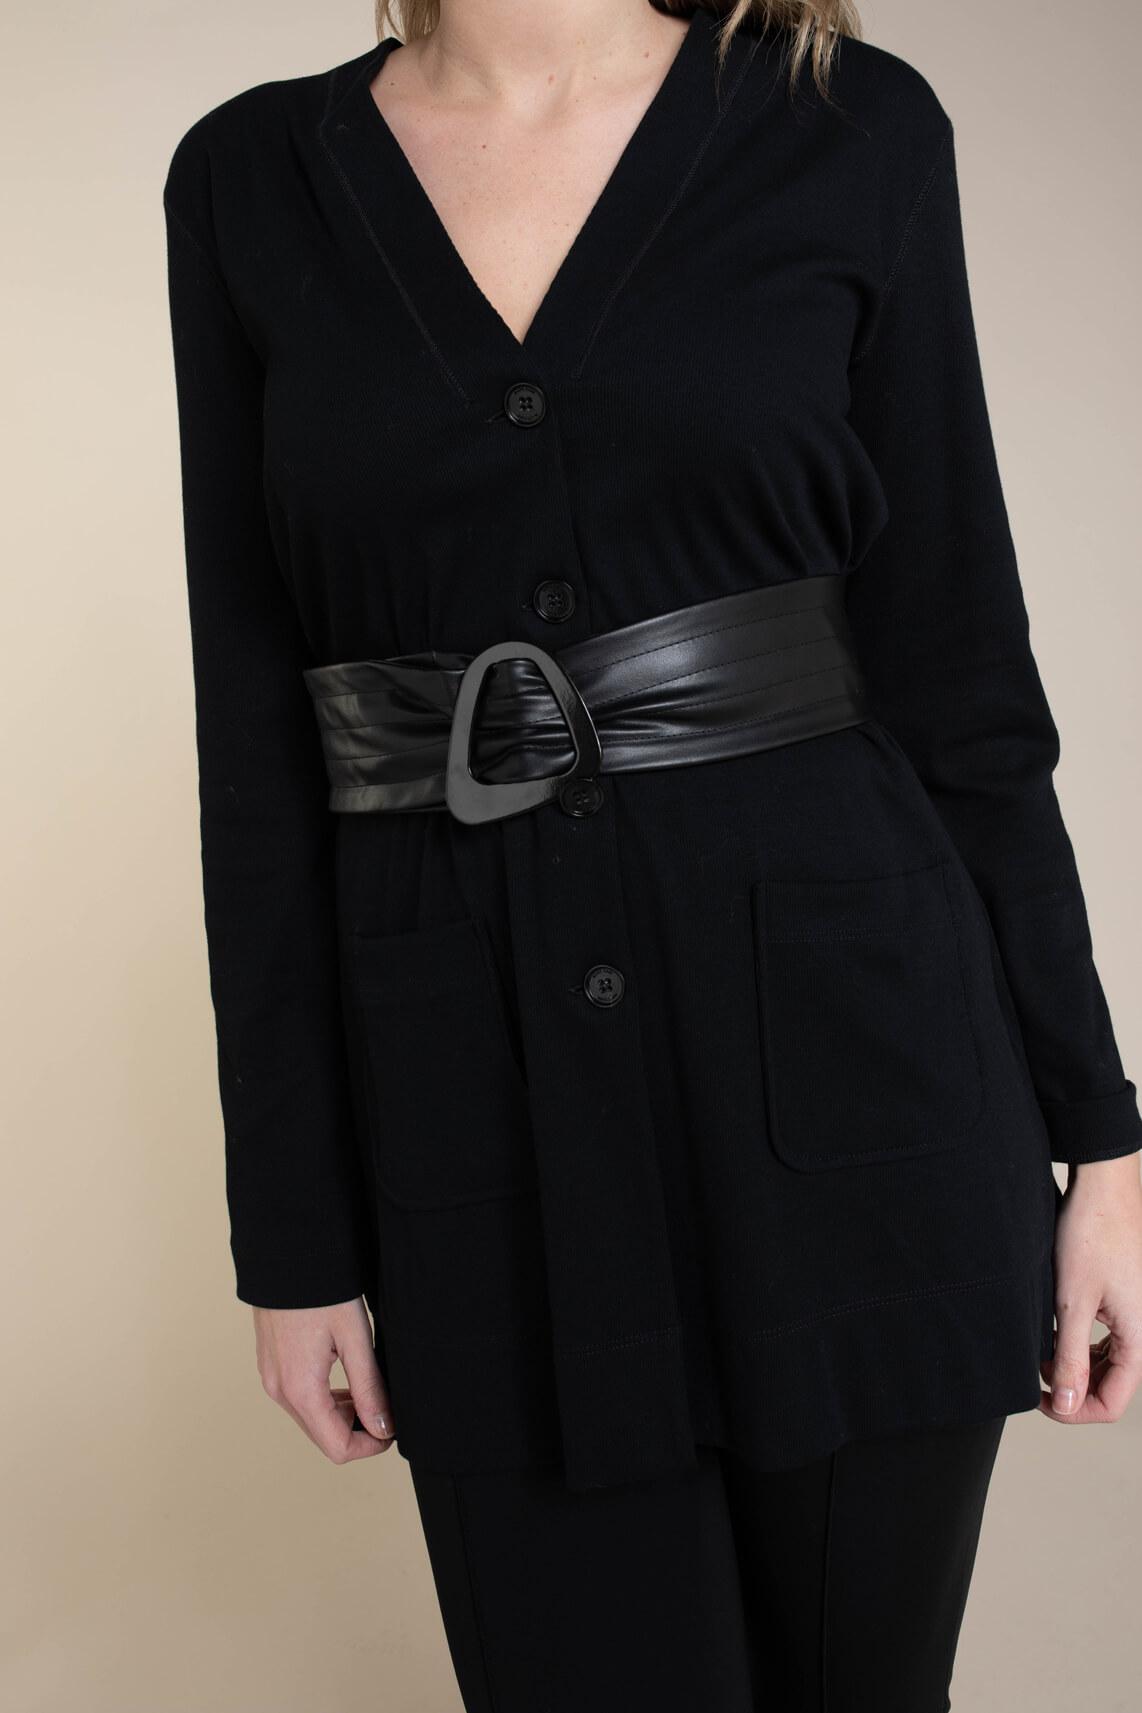 Marccain Sports Essentiels Dames Vest van katoen jersey zwart